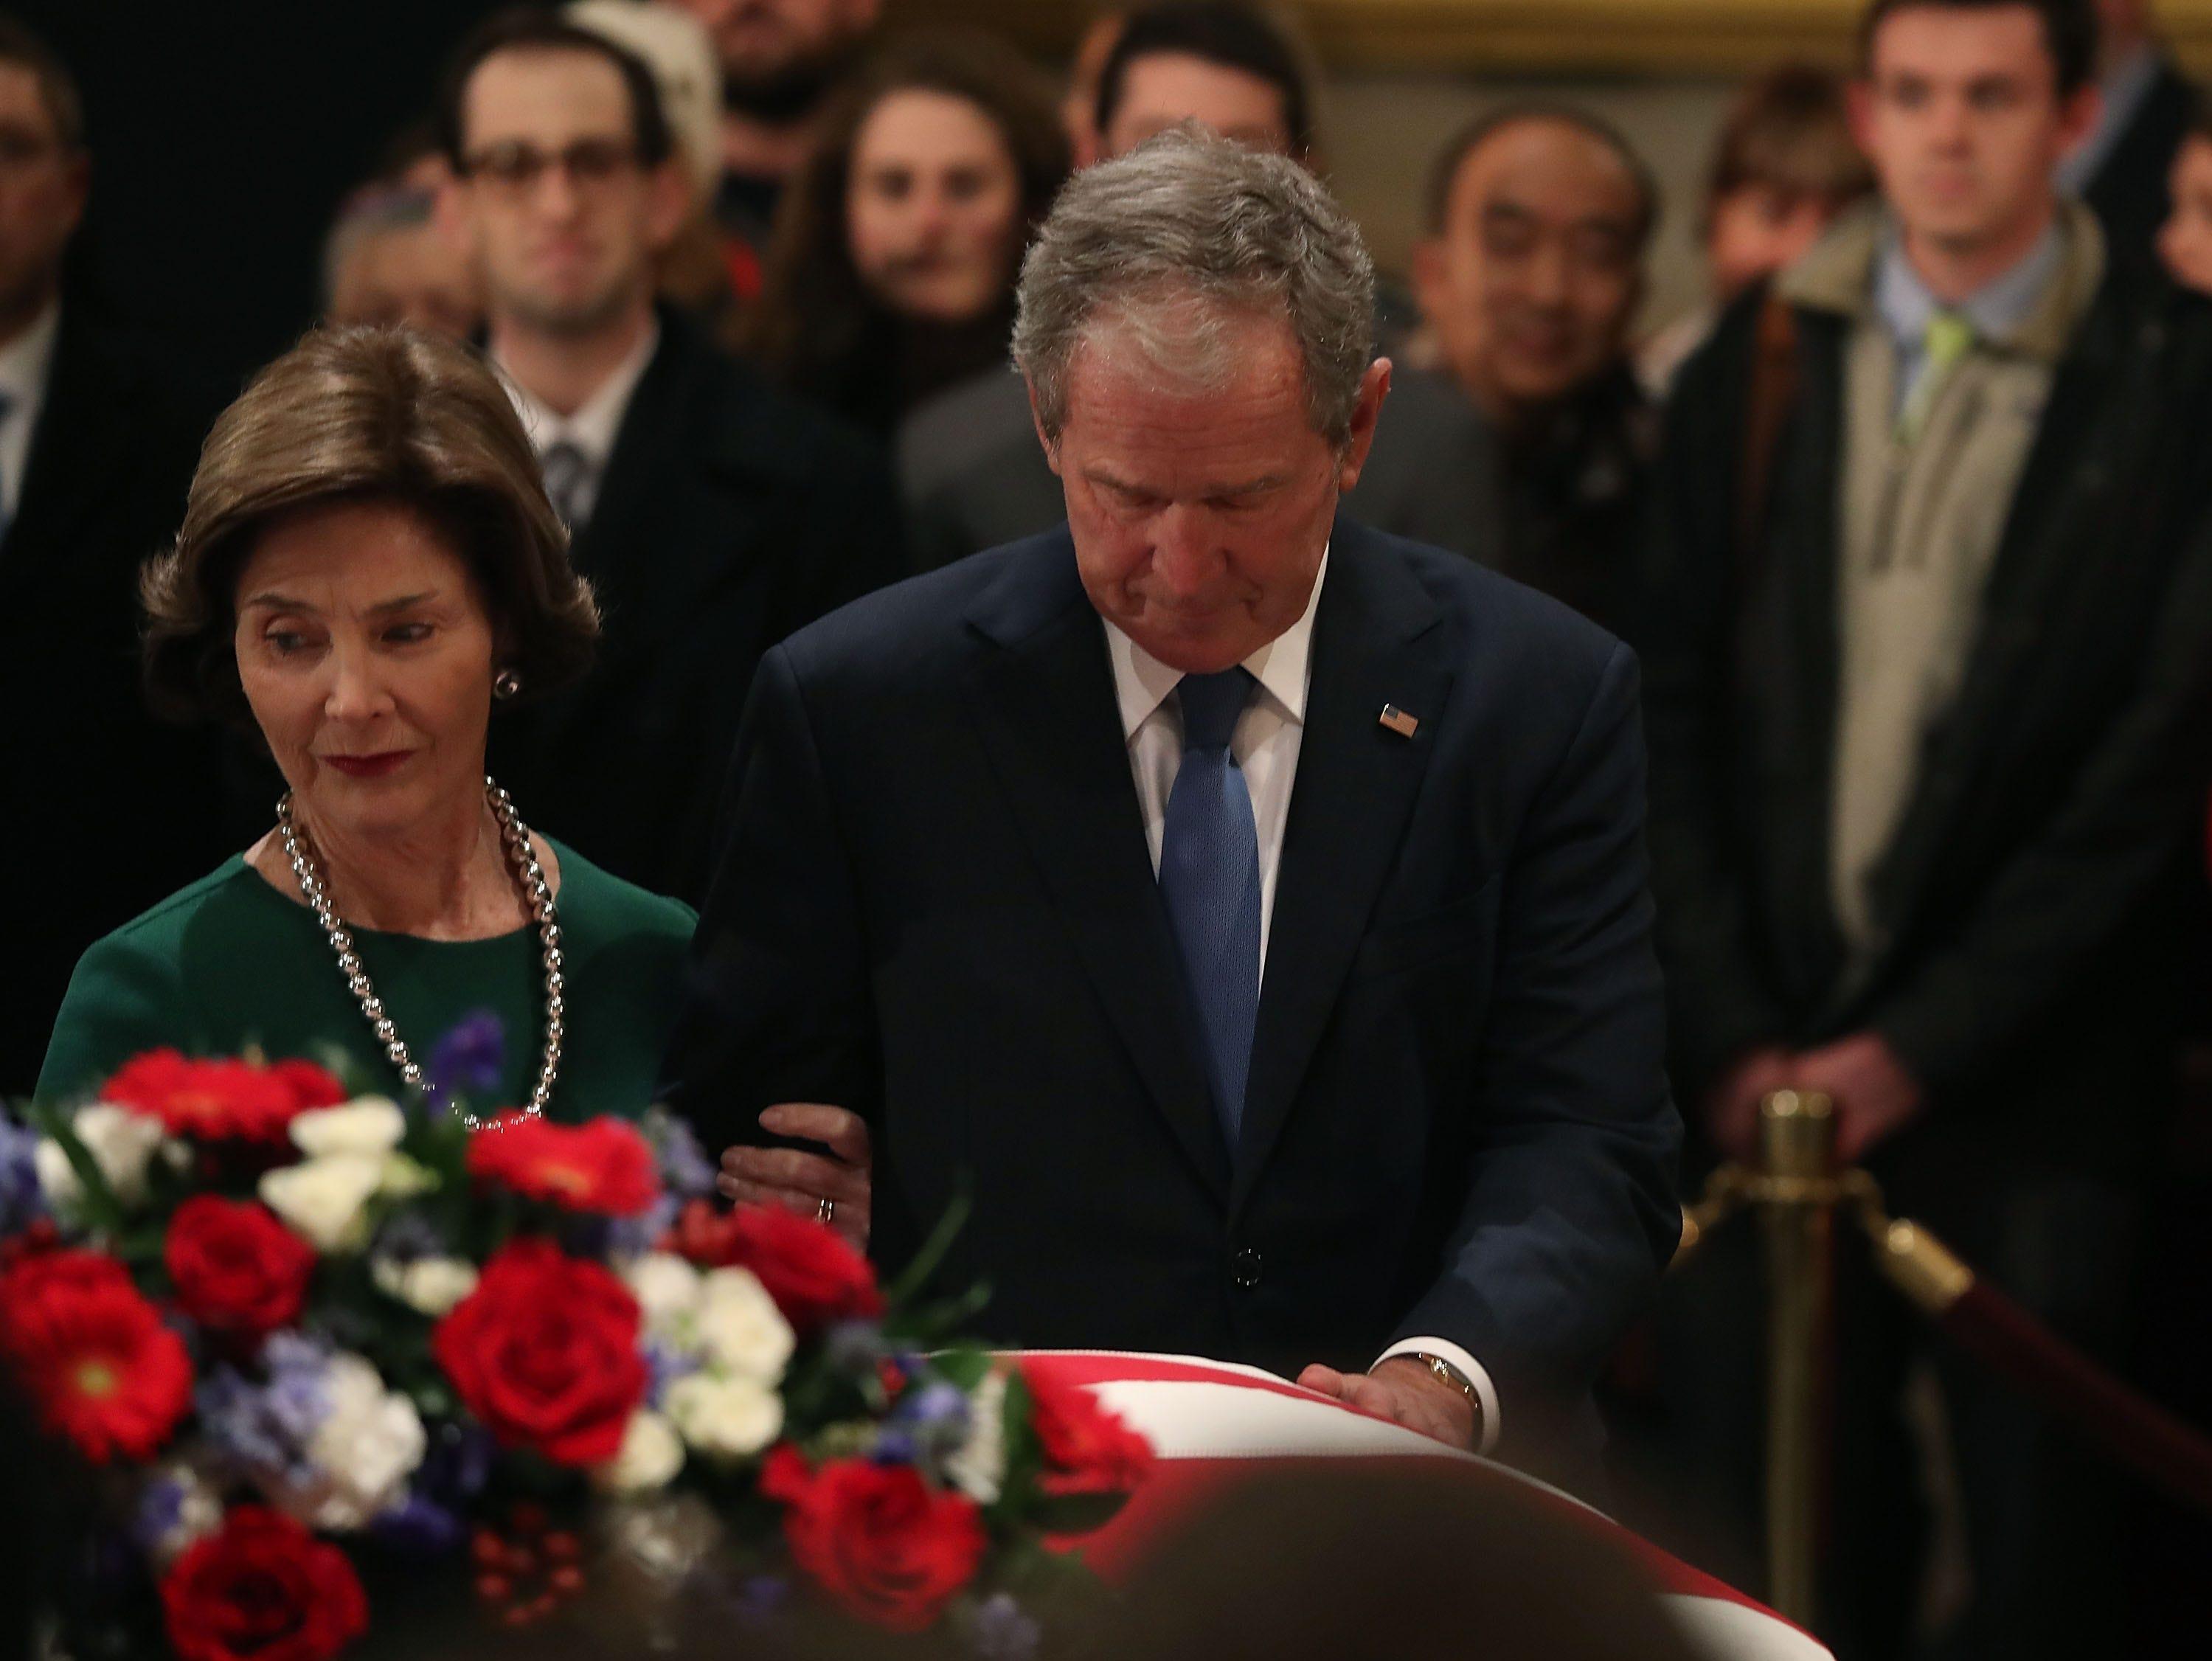 El ex presidente de los Estados Unidos George W. Bush y su esposa Laura Bush presentan sus respetos frente al ataúd del fallecido ex presidente George H.W. Bush se encuentra en la Rotonda del Capitolio de los Estados Unidos, el 4 de diciembre de 2018 en Washington, DC.